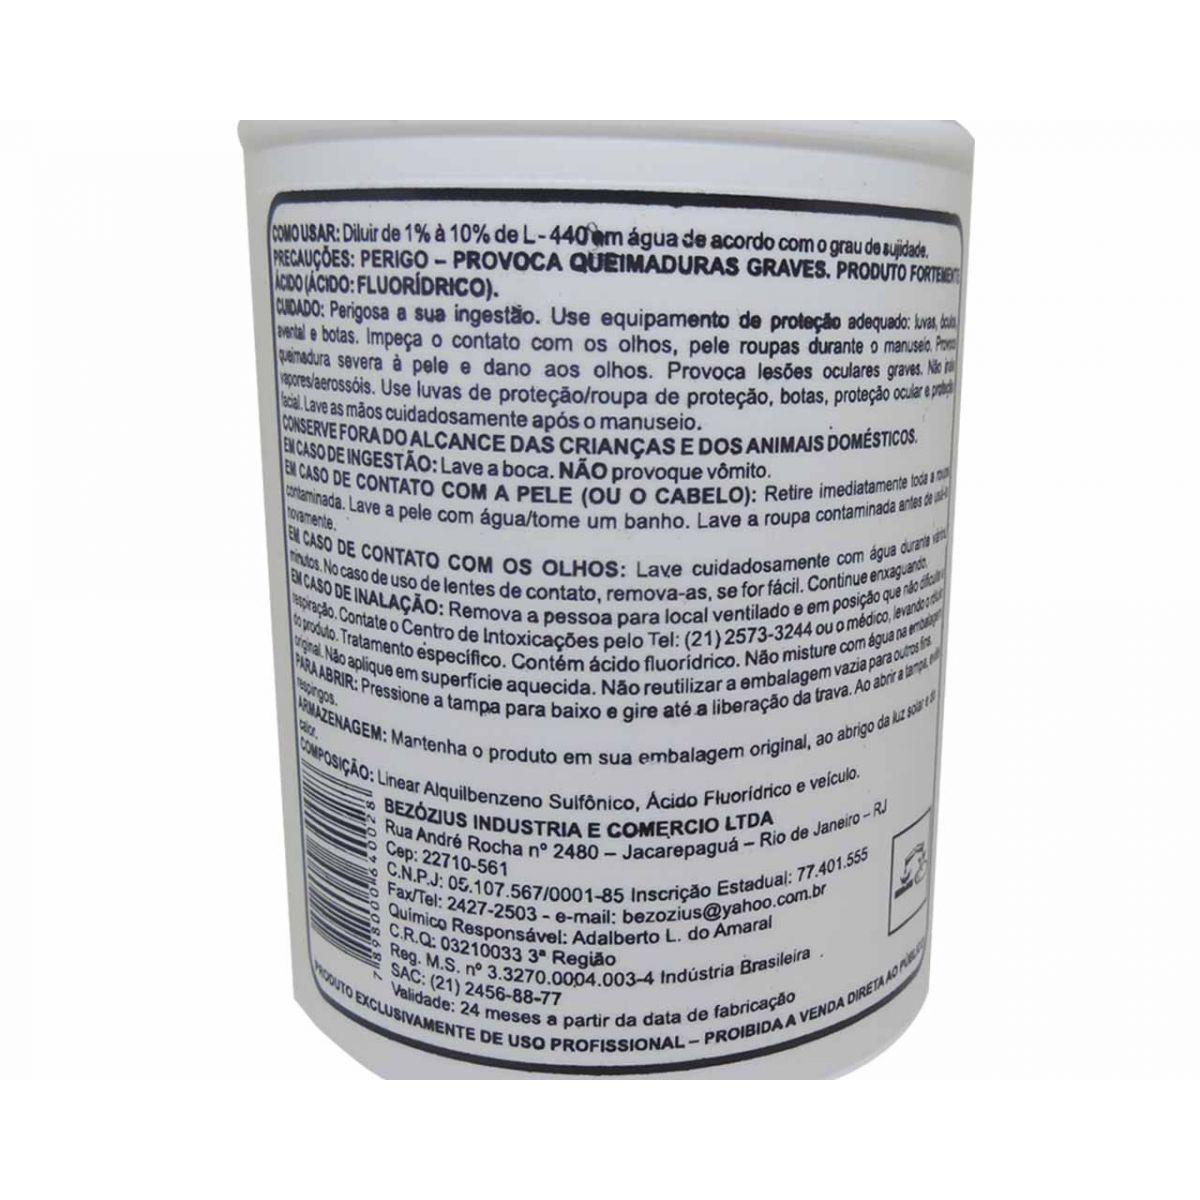 Detergente Desincrustante Ácido L-440 Para Ar Condicionado